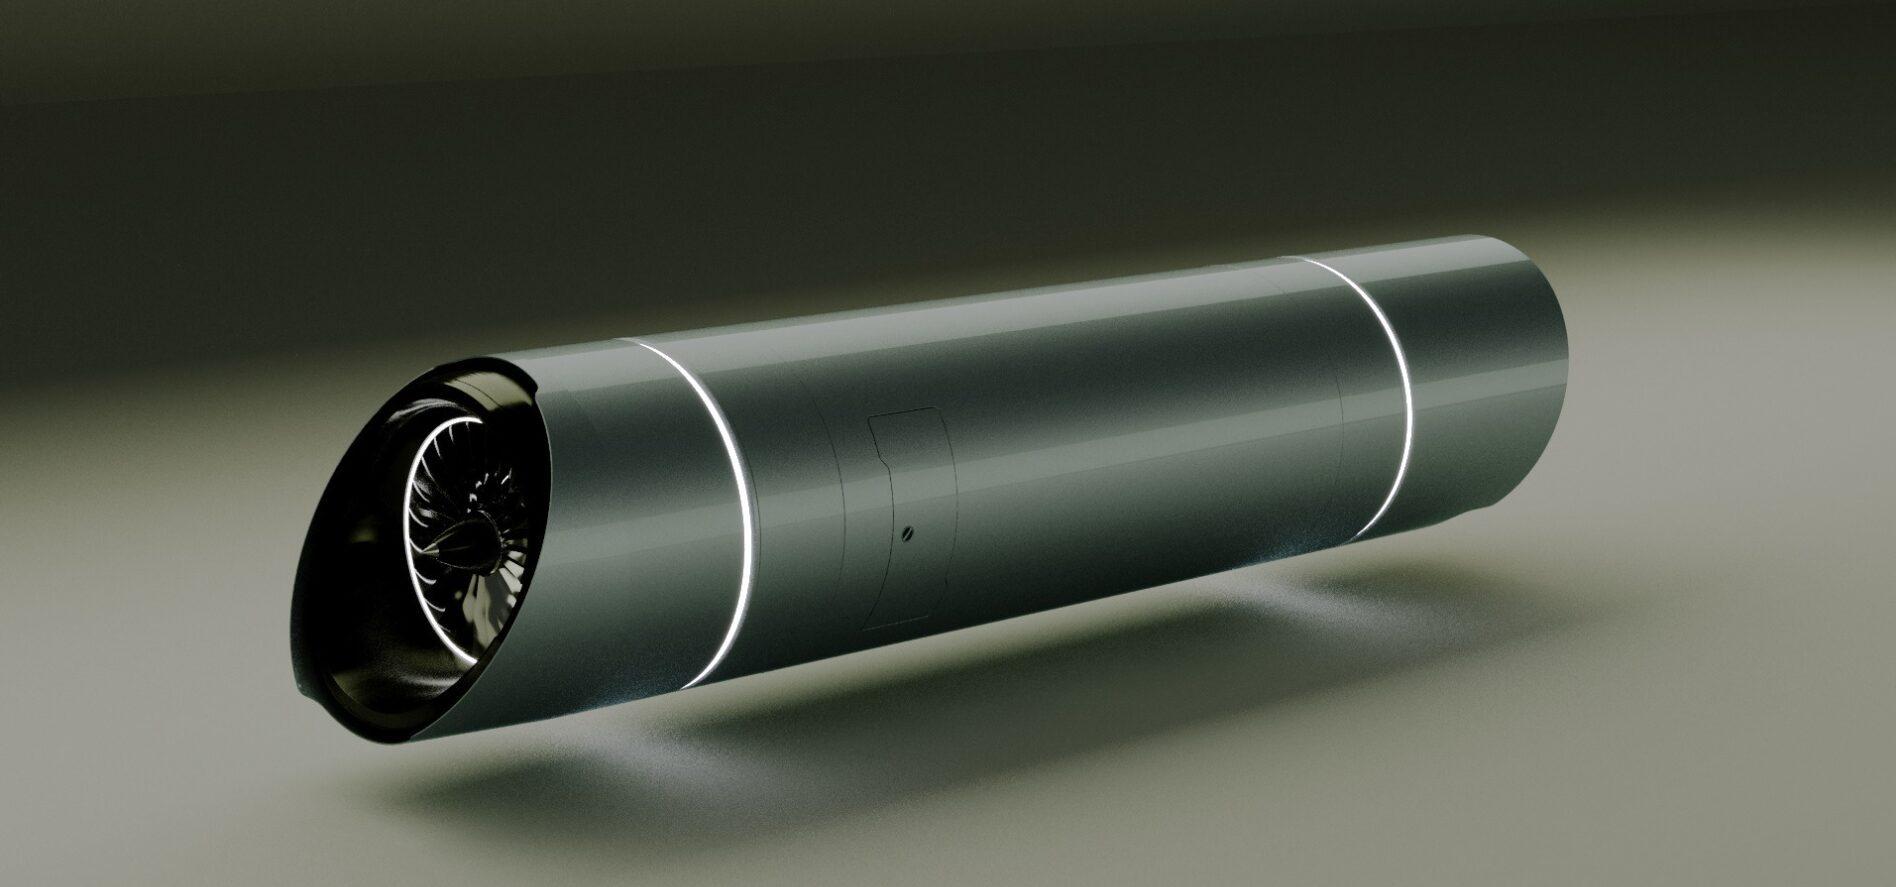 Zeleros hyperloop vehicle demonstrator